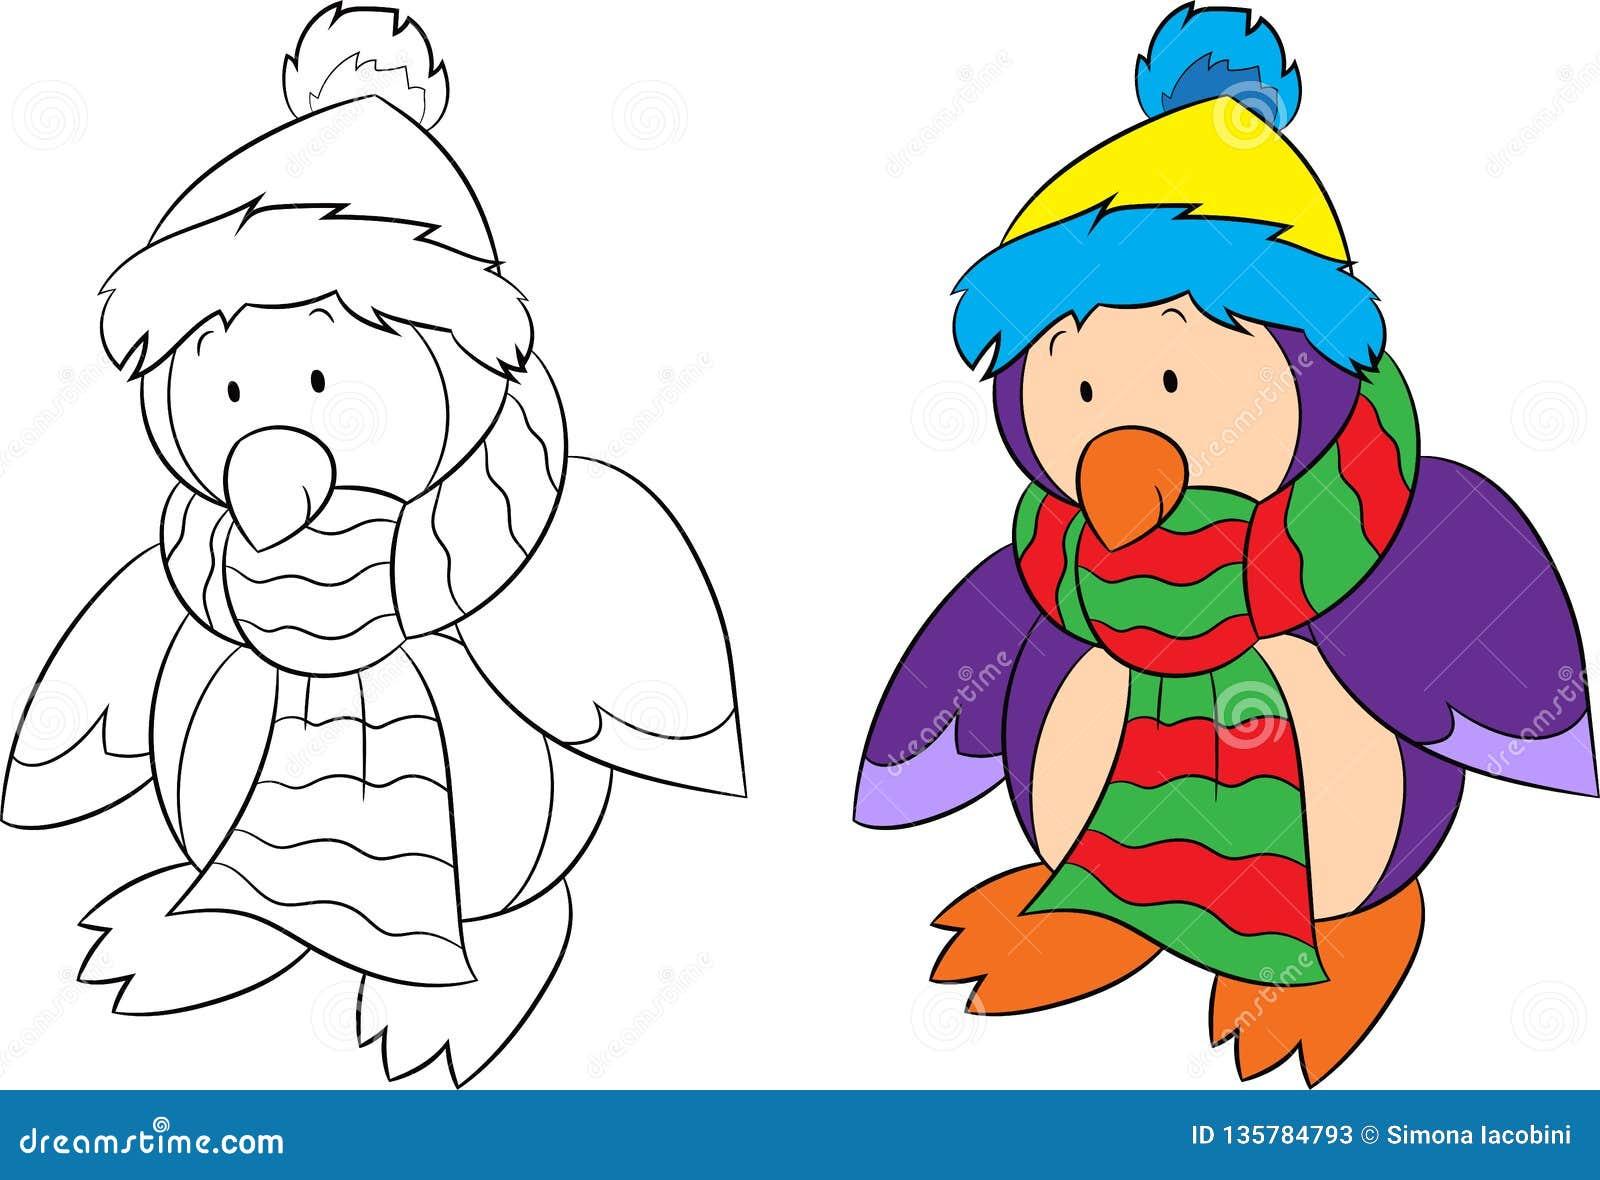 Before and after geïsoleerde illustratie van een pinguïn, zwart-wit en een kleur, voor de kleuringsboek van kinderen of Kerstkaar